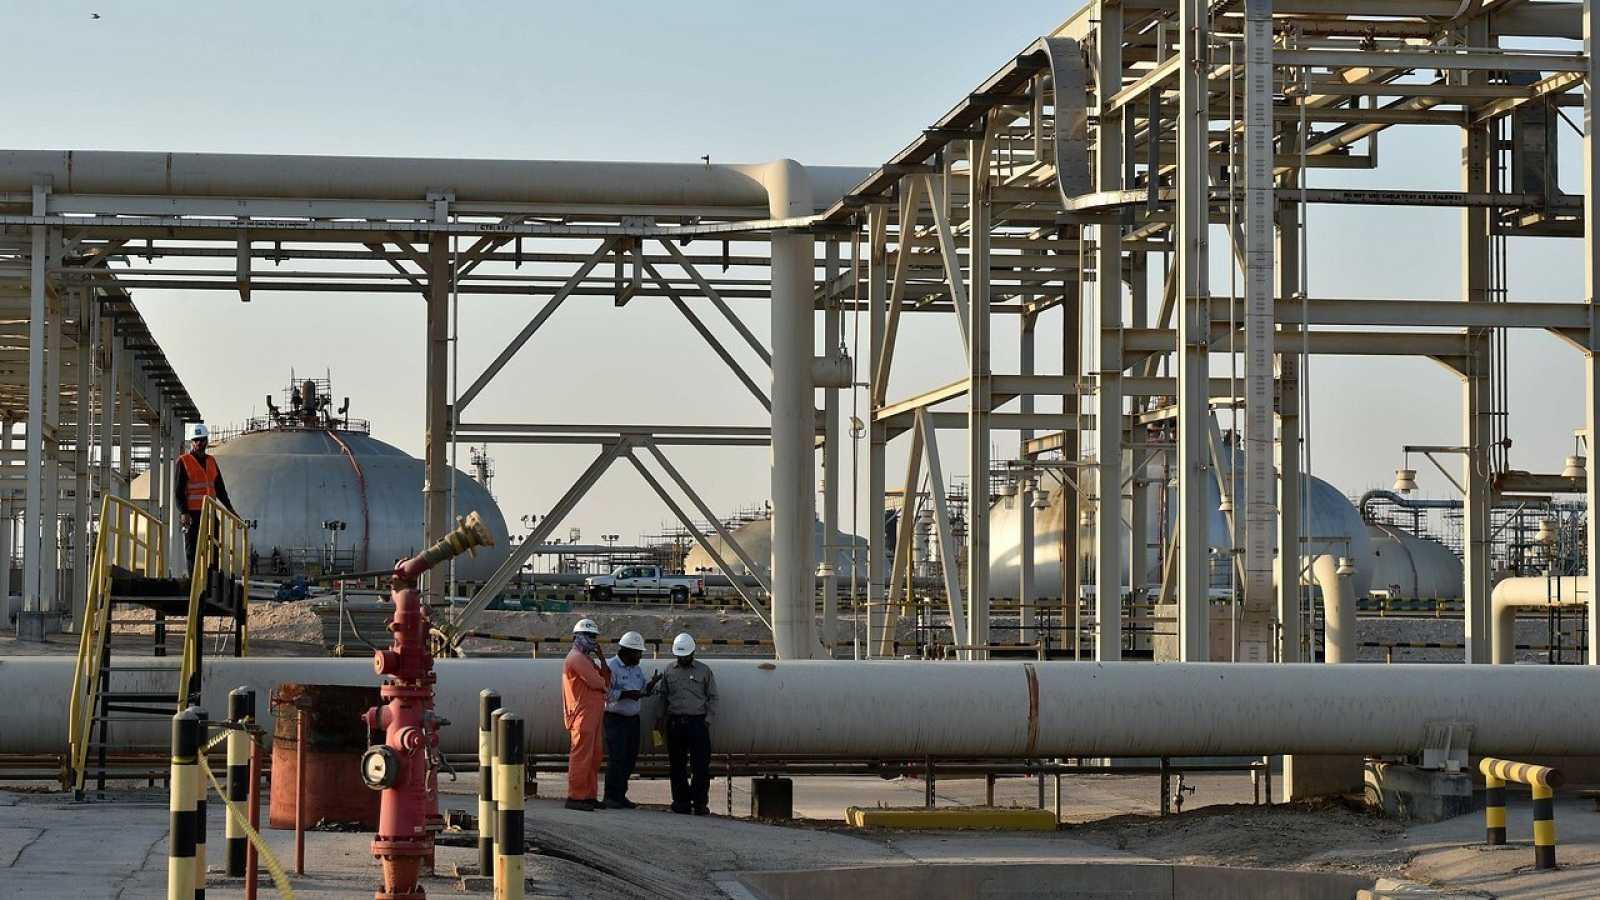 Vista parcial de la planta de procesamiento de petróleo saudí Aramco